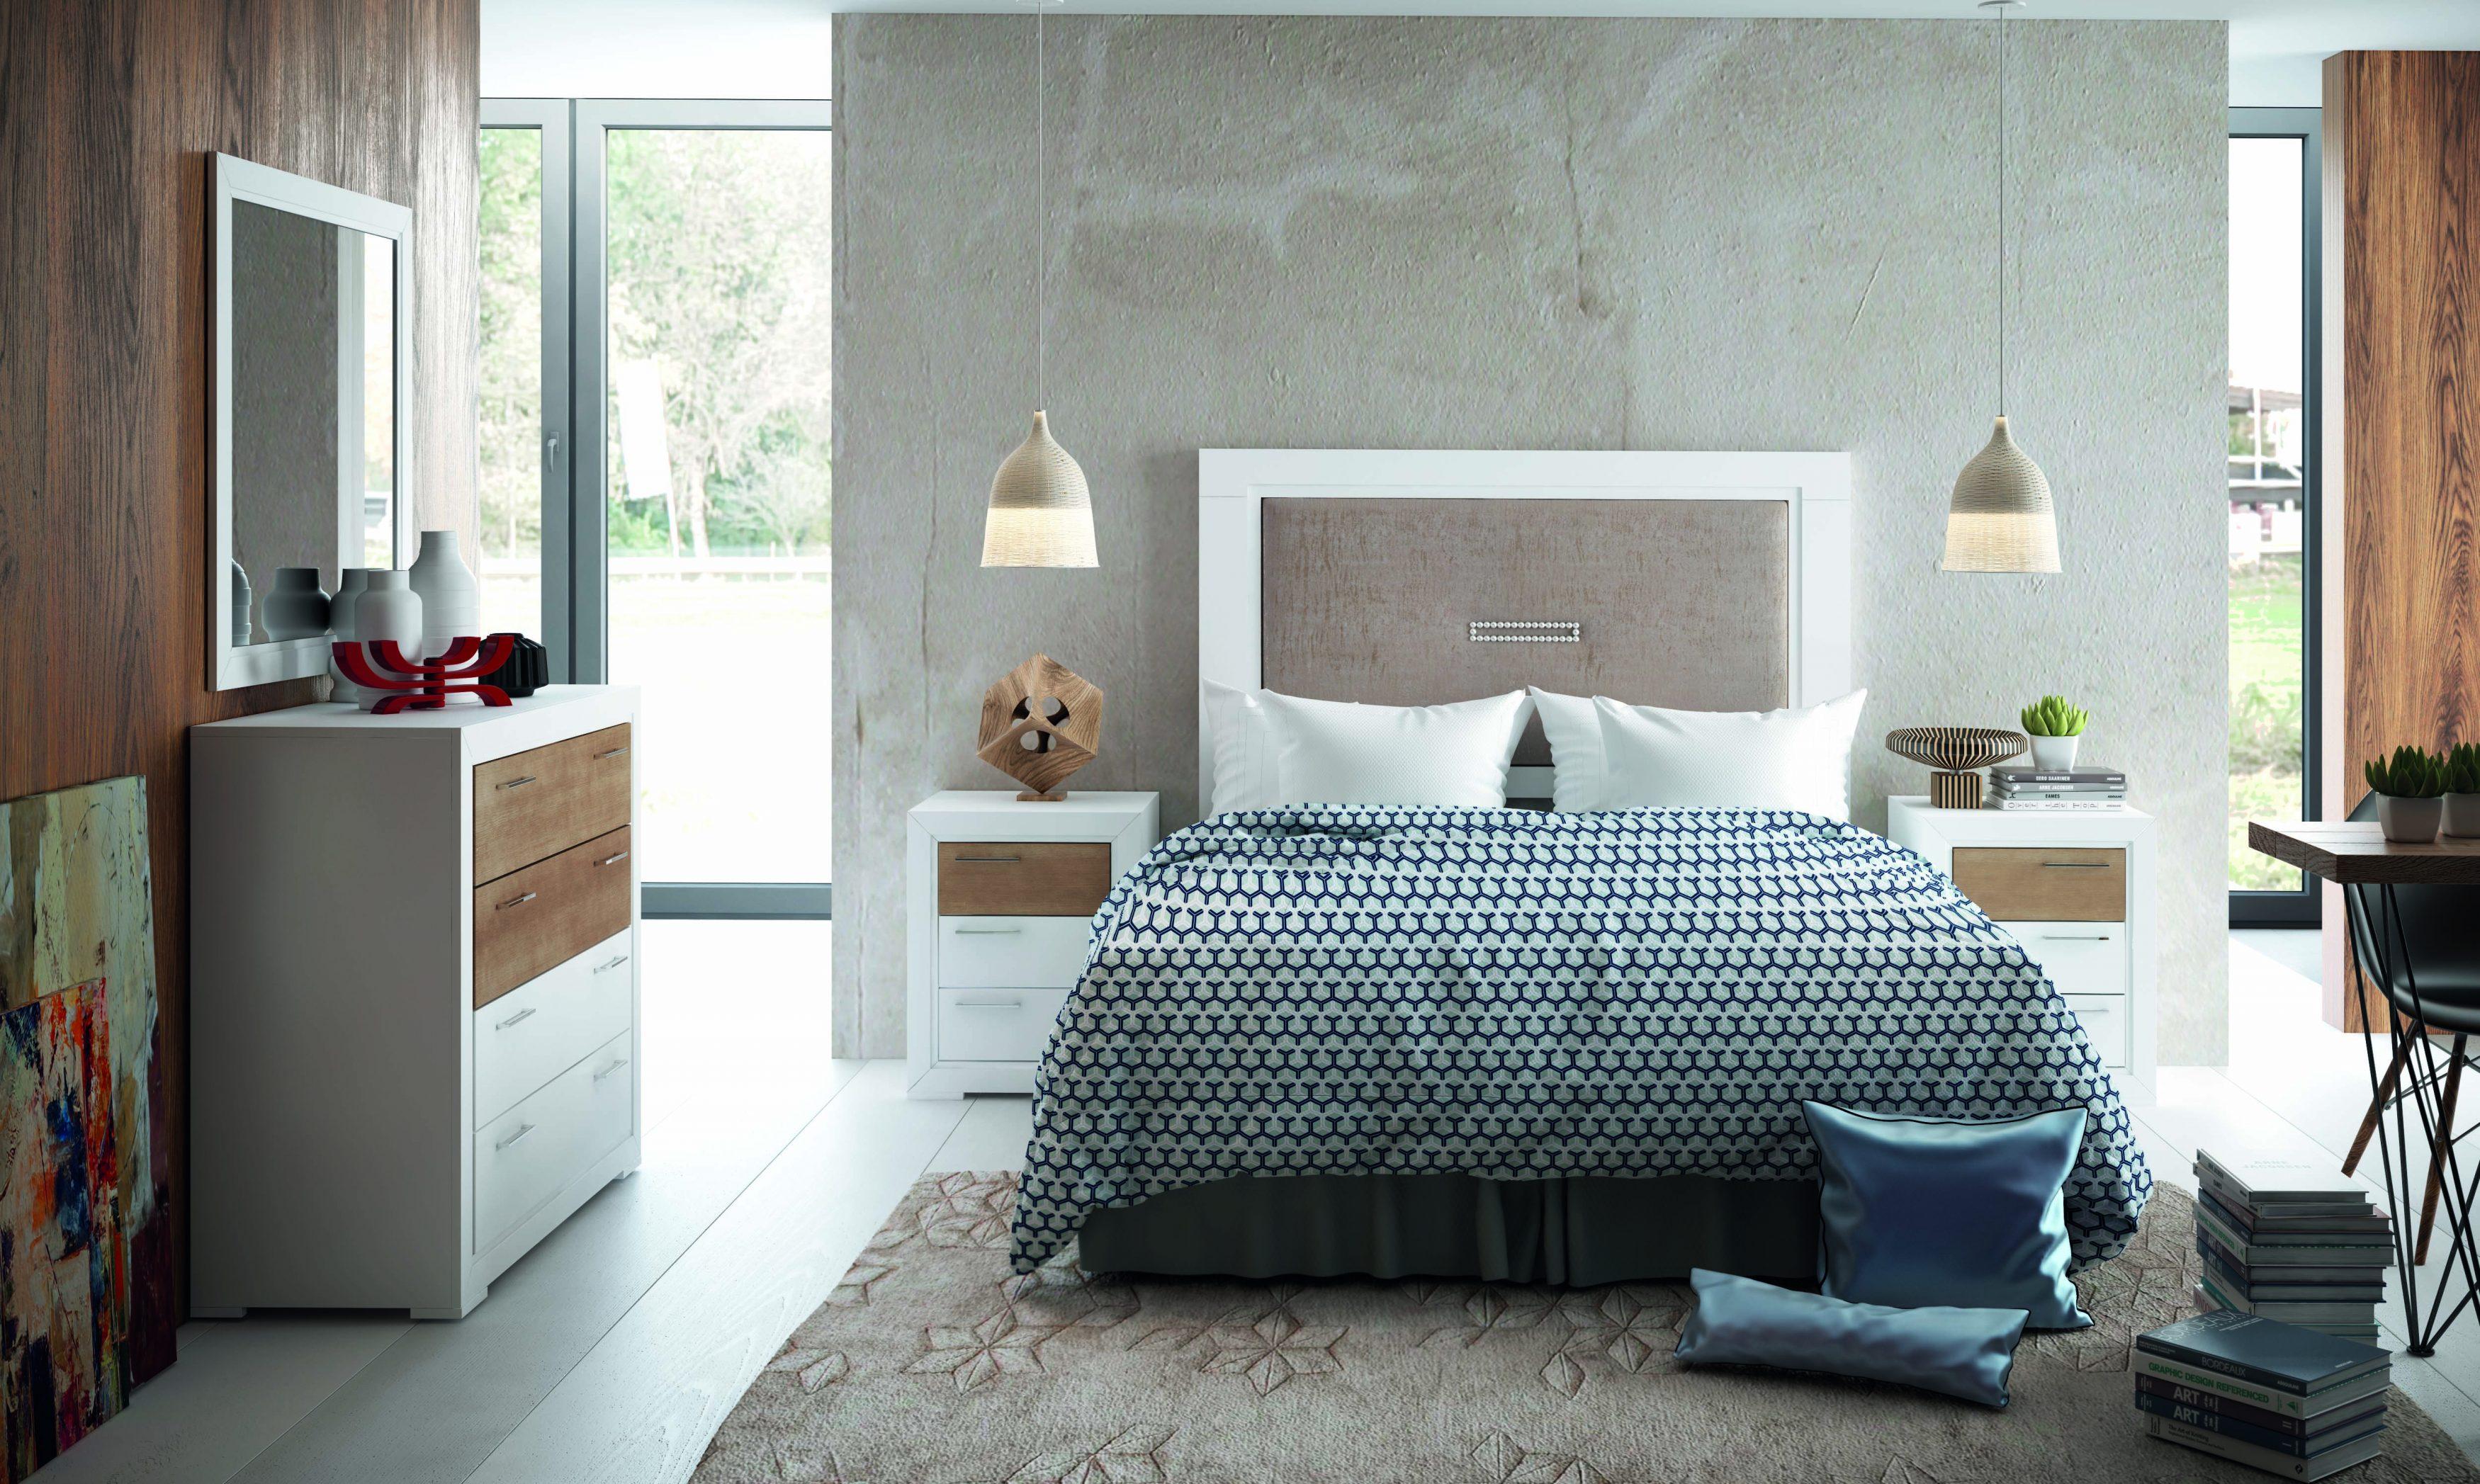 Dormitorio matrimonio en madera con cabecero tapizado, una solución de gran capacidad adaptándose a las necesidades.